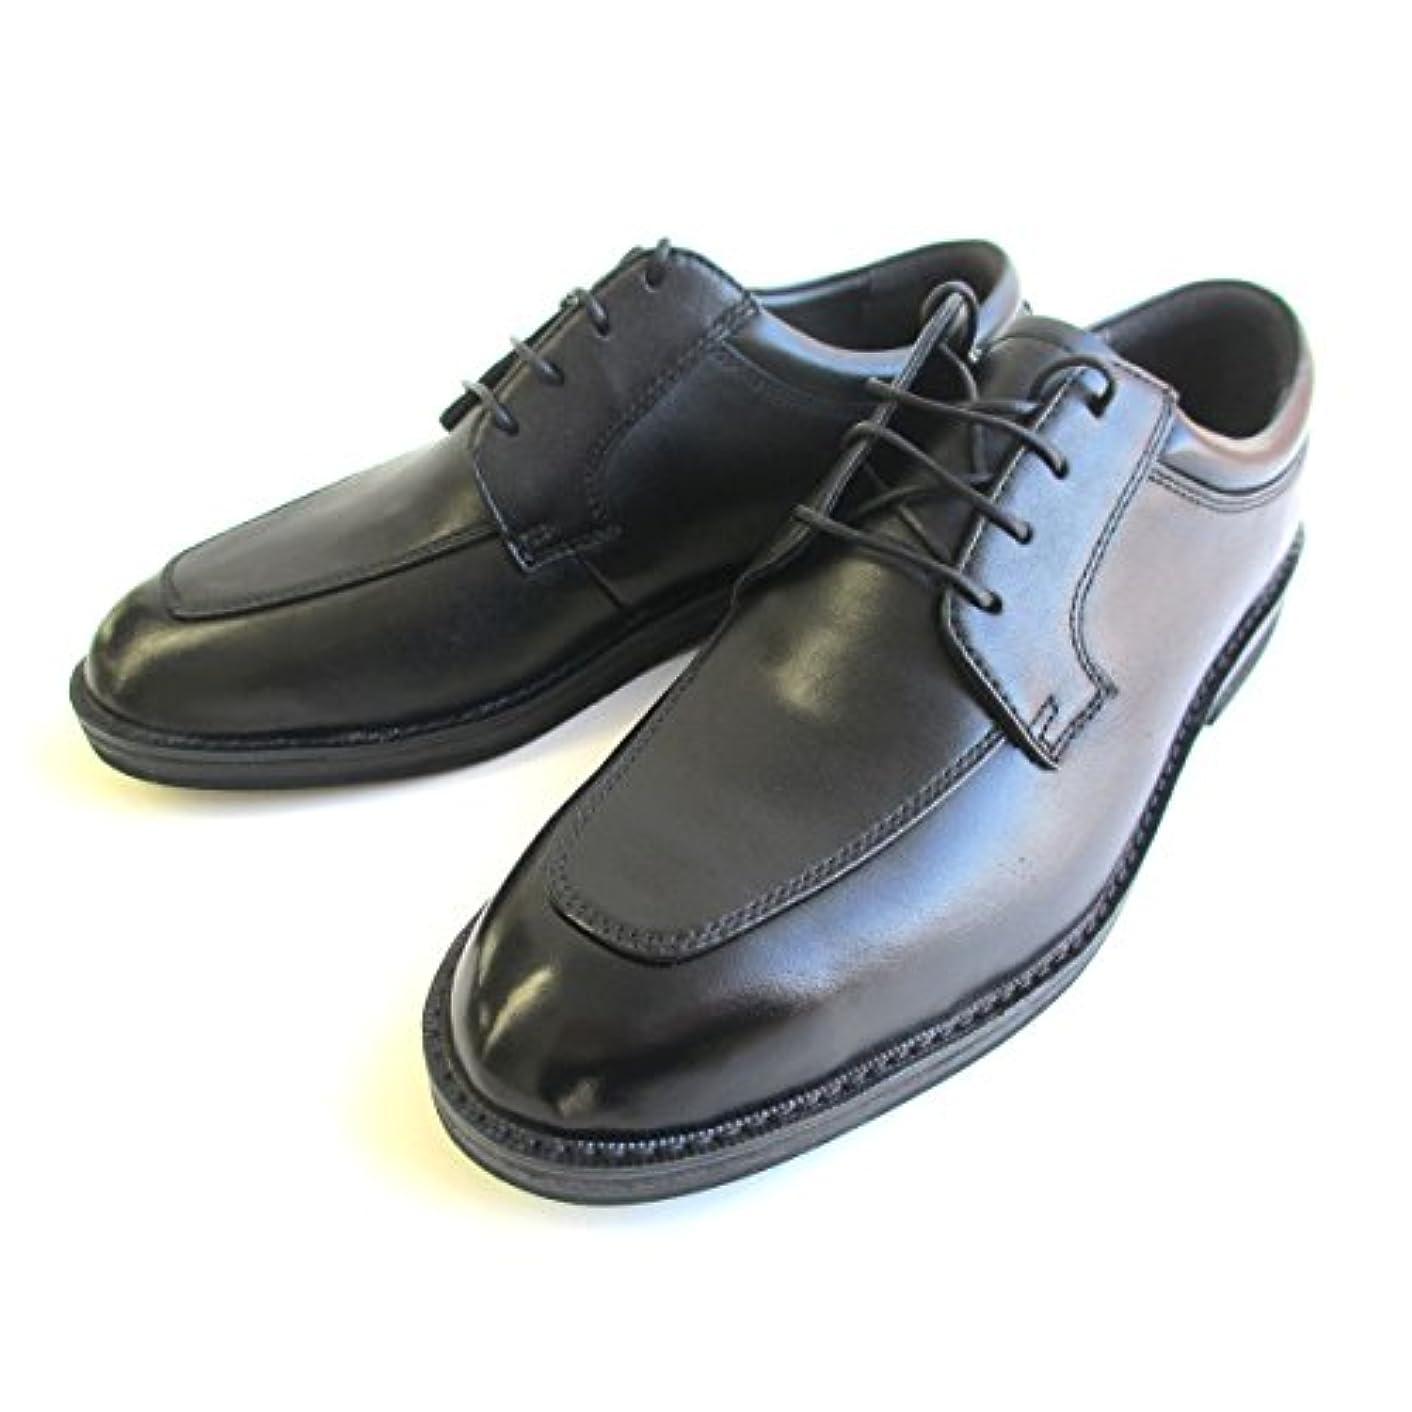 許されるアスリートストレージ[ハッシュパピー] Hush Puppies 885 メンズ 天然皮革 ビジネスシューズ プレーントゥ スムースクロ レースアップシューズ フォーマル靴 仕事靴 ブラック